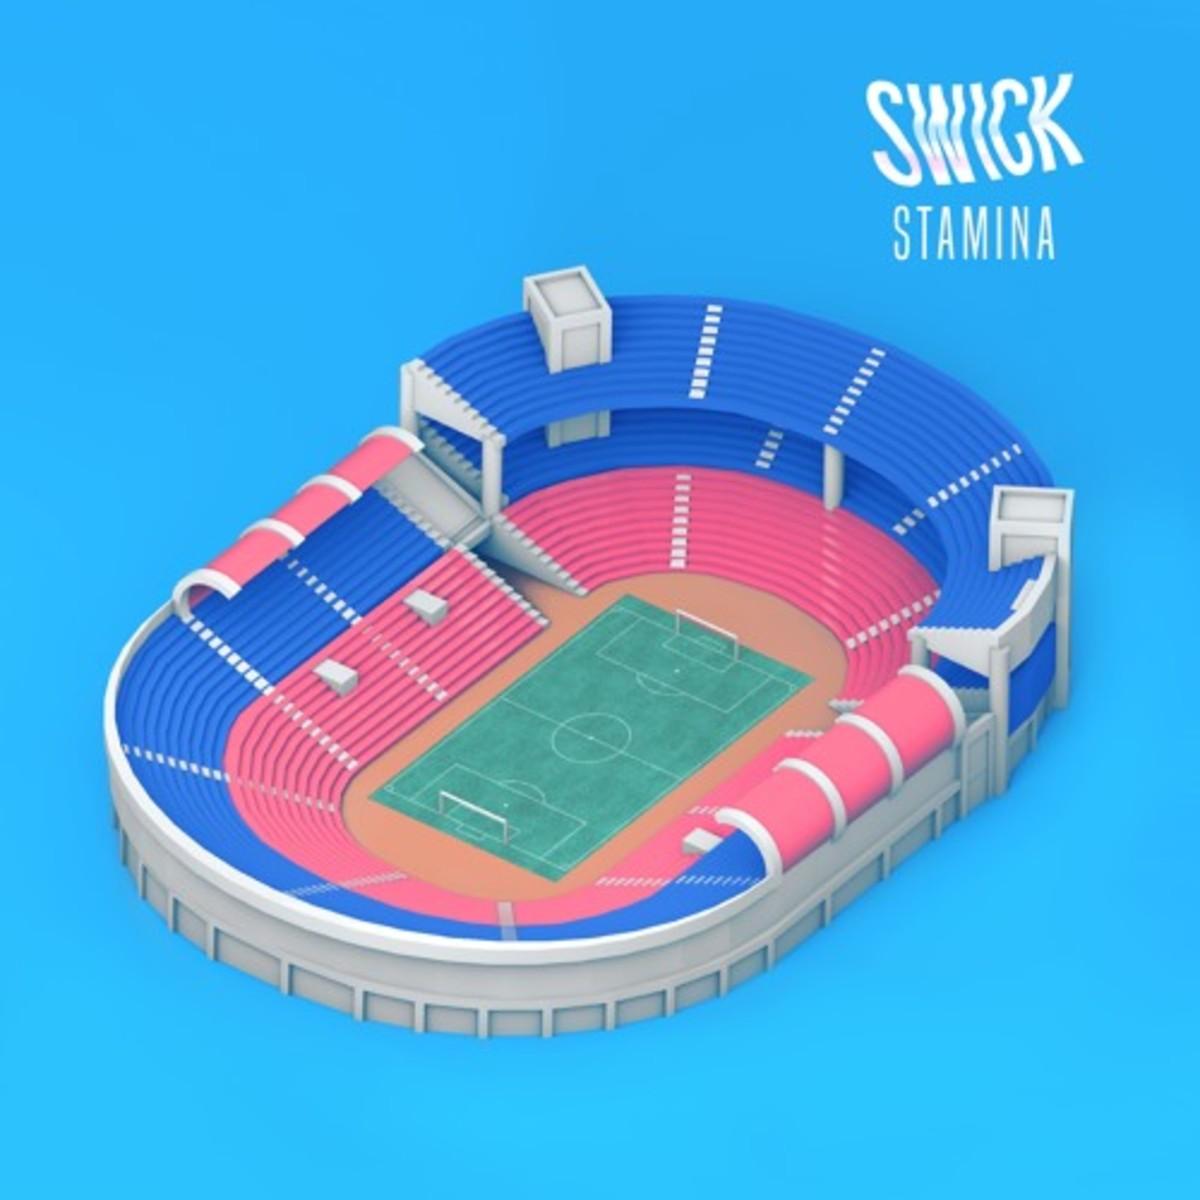 Swick Stamina EP